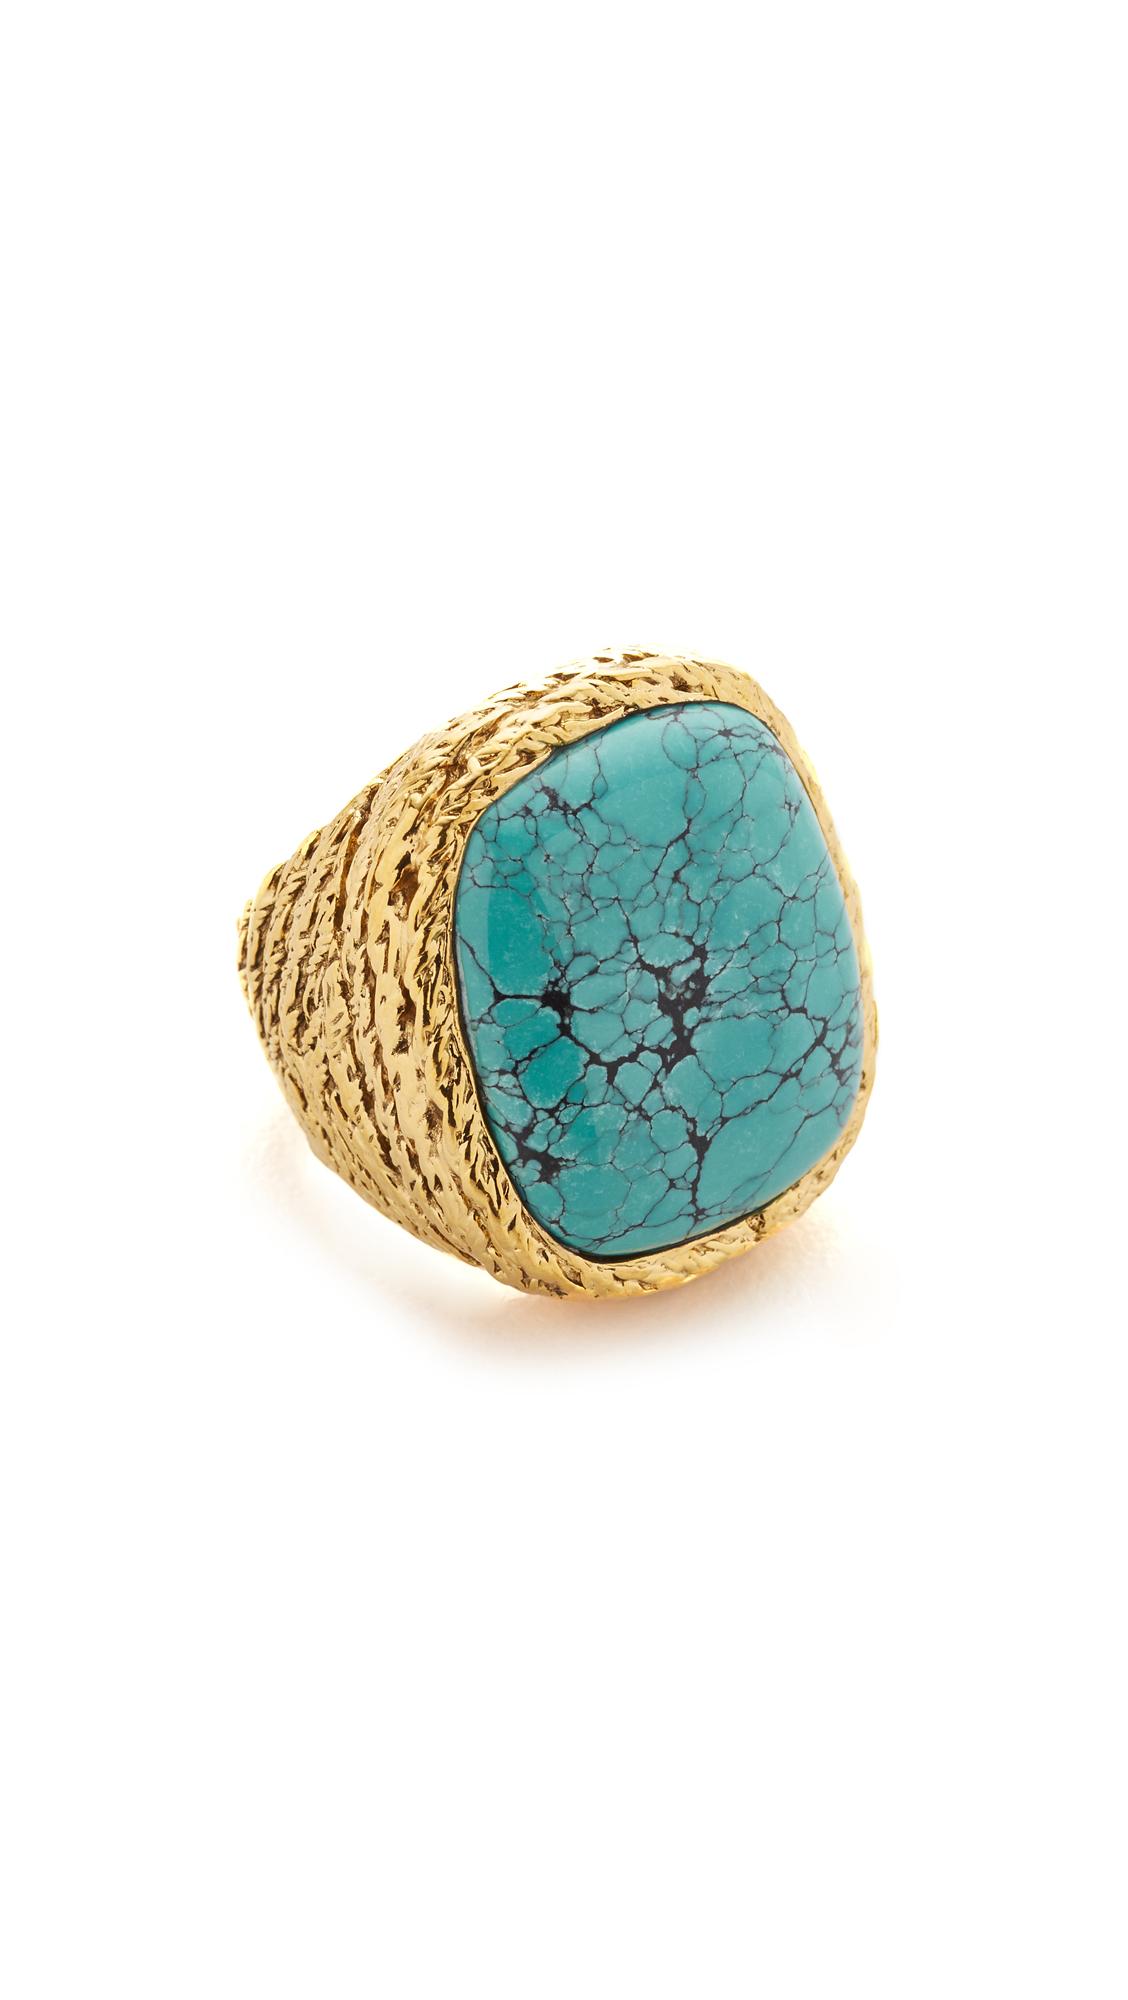 Aurelie Bidermann Miki Ring With Stone - Gold at Shopbop